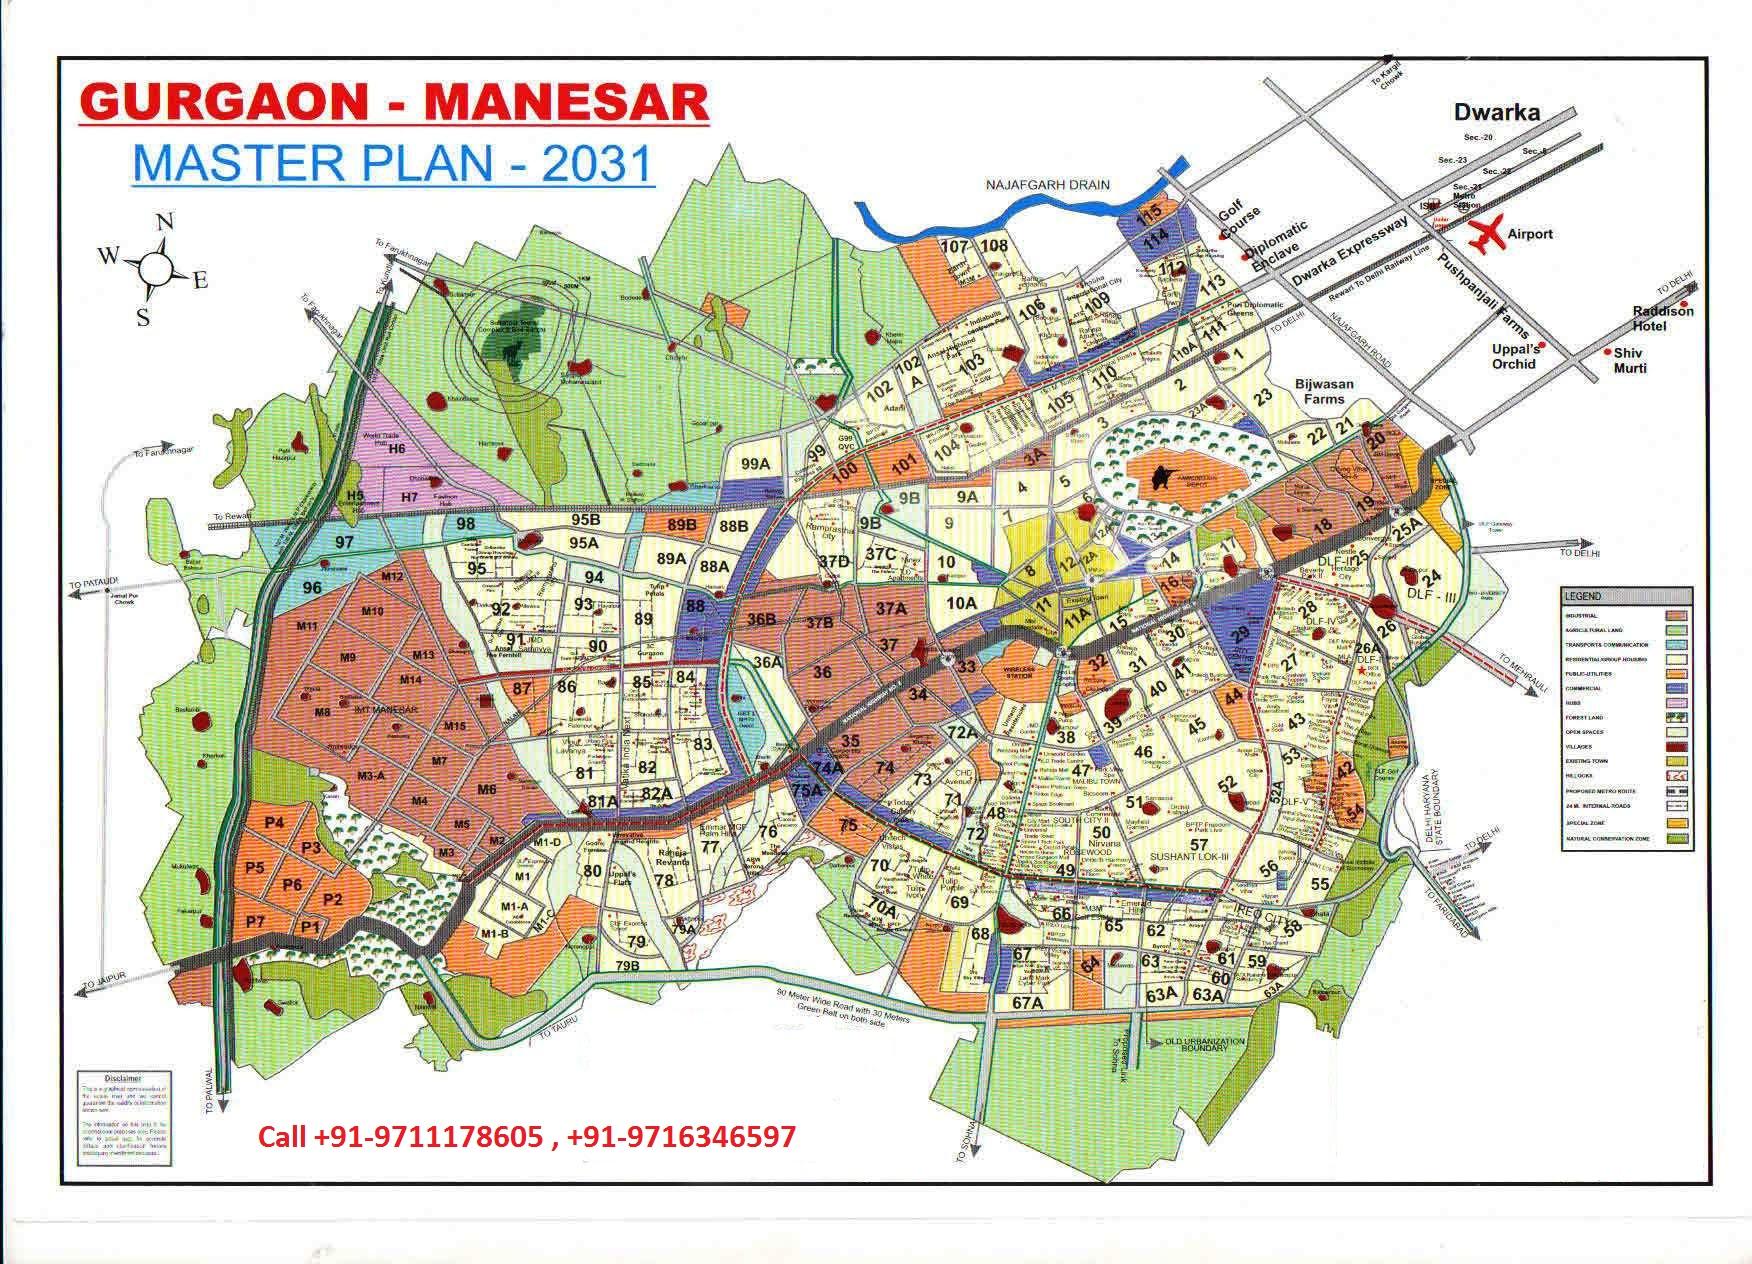 Gurgaon Manesar Master Plan Sohna Master Plan 2031